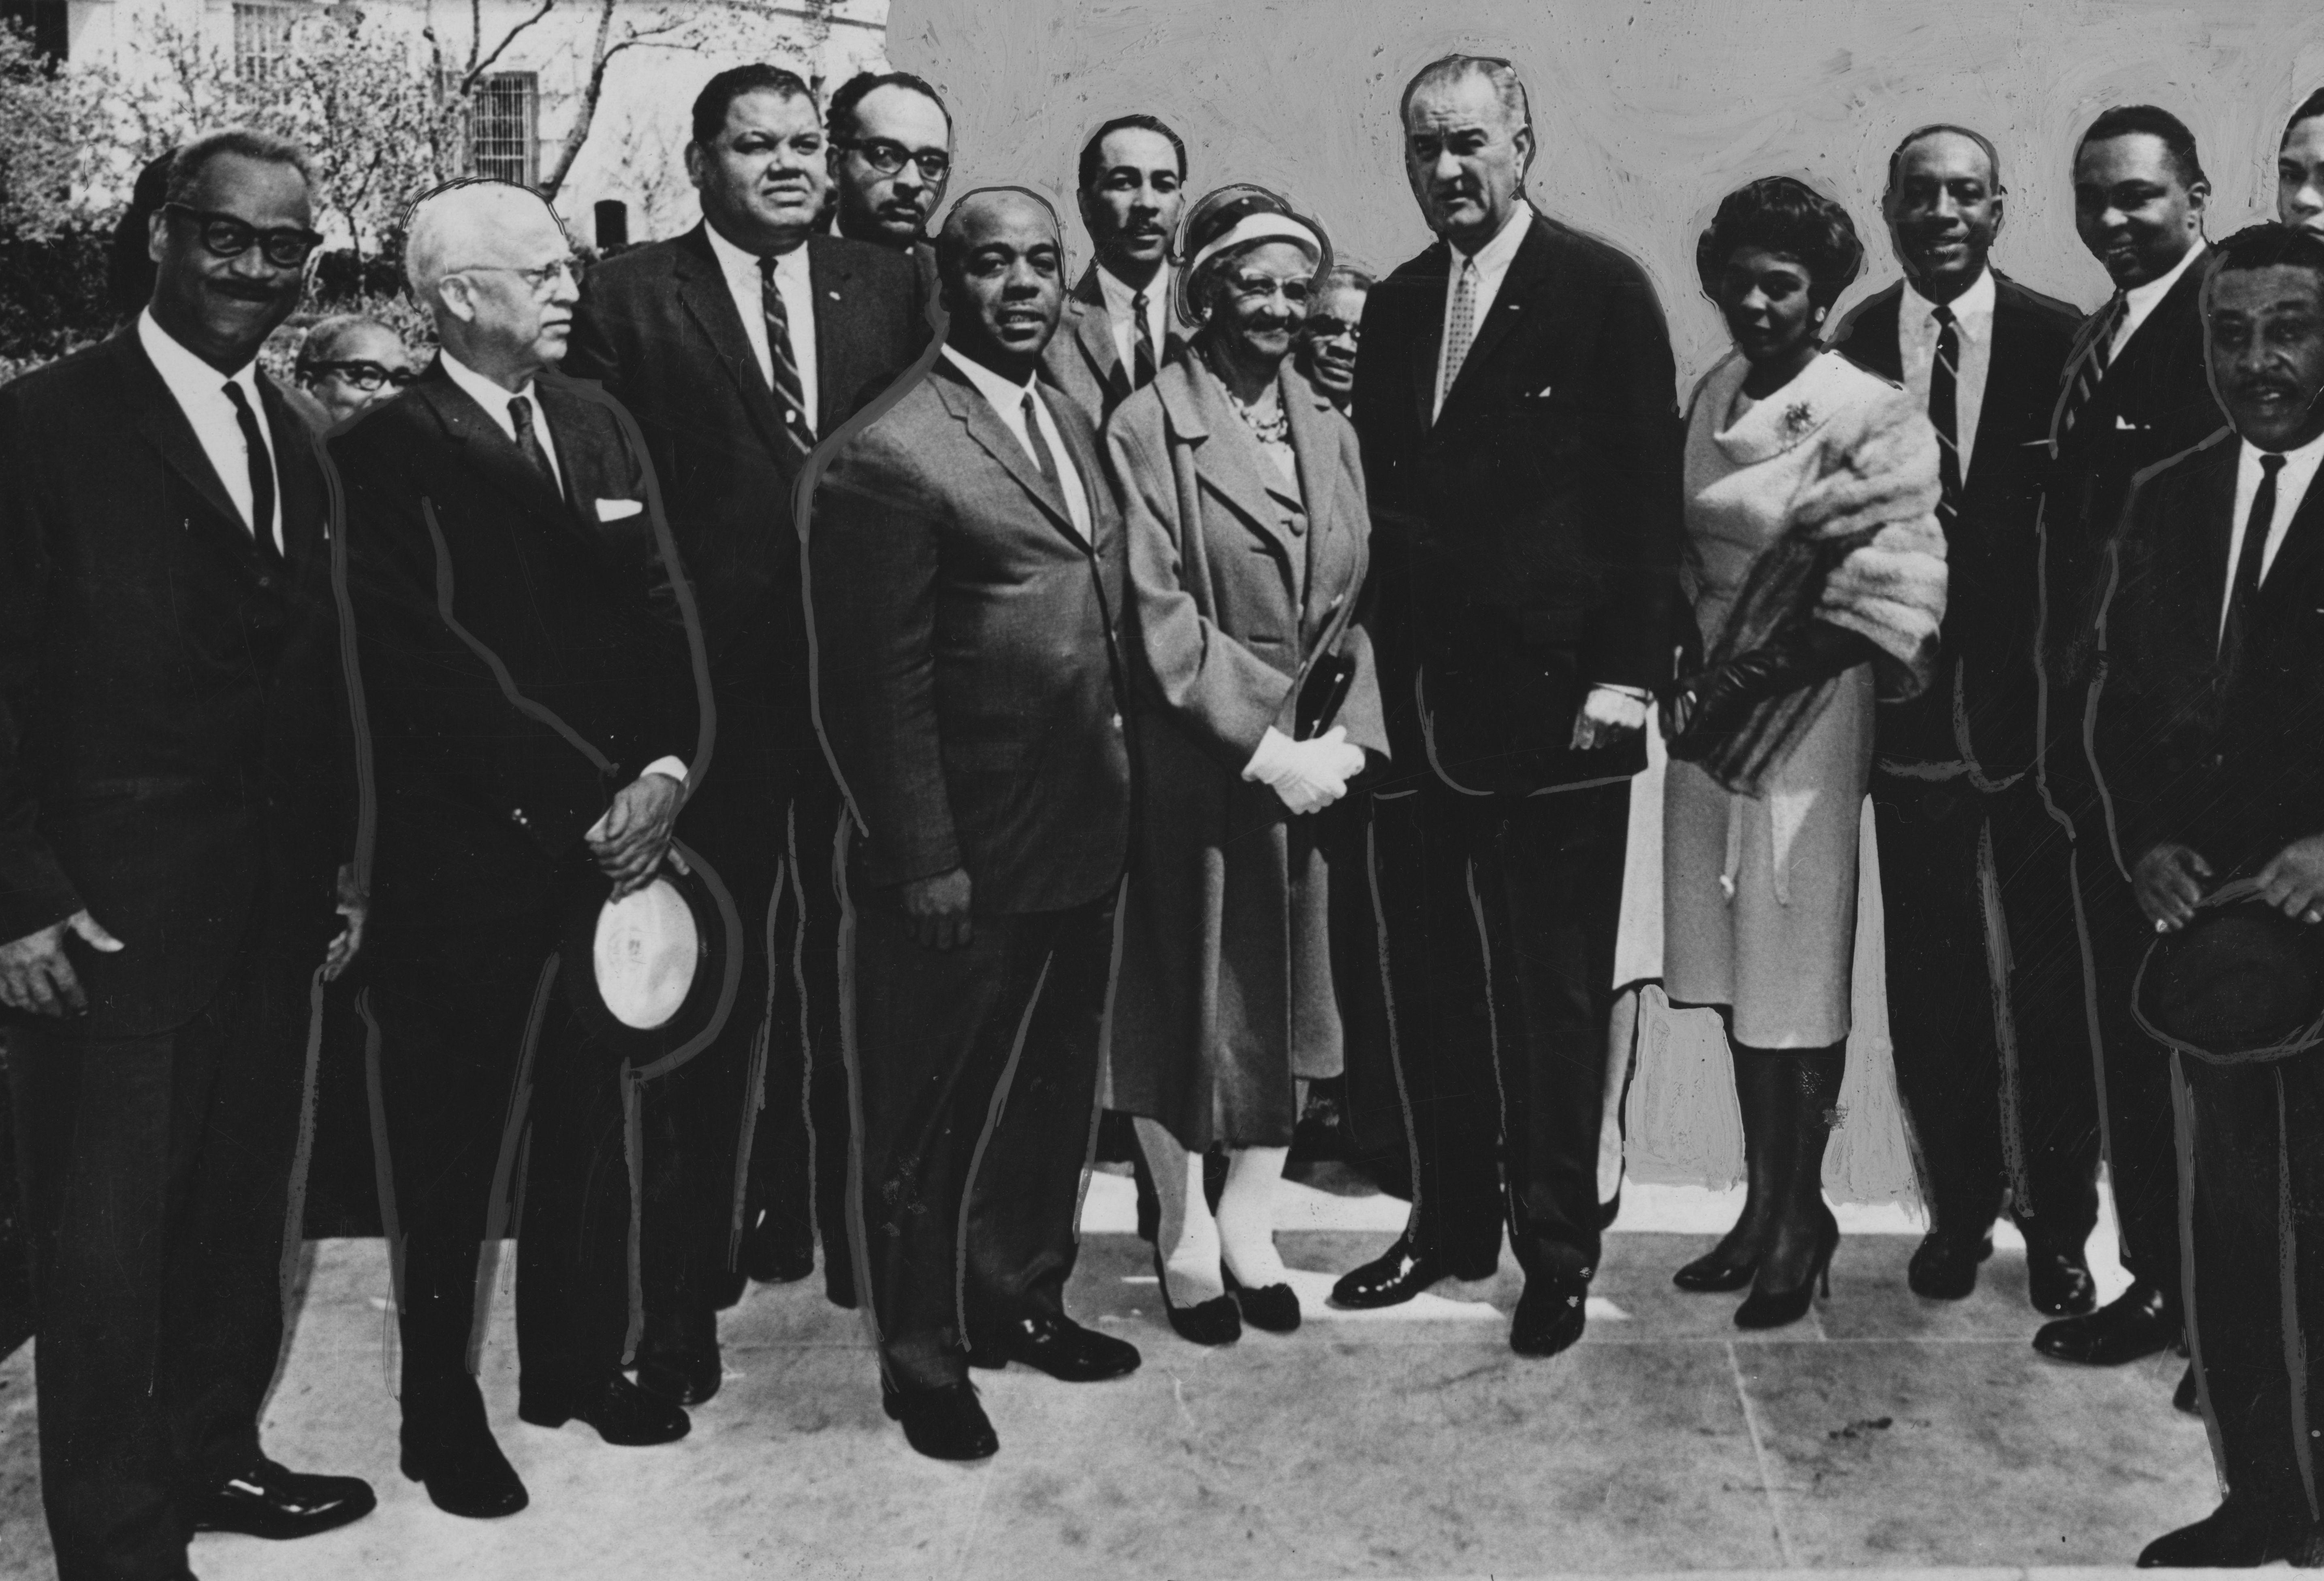 Prezydent Stanów Zjednoczonych Lyndon Johnson omawia aspekty swojego ustawodawstwa dotyczącego wojny z ubóstwem